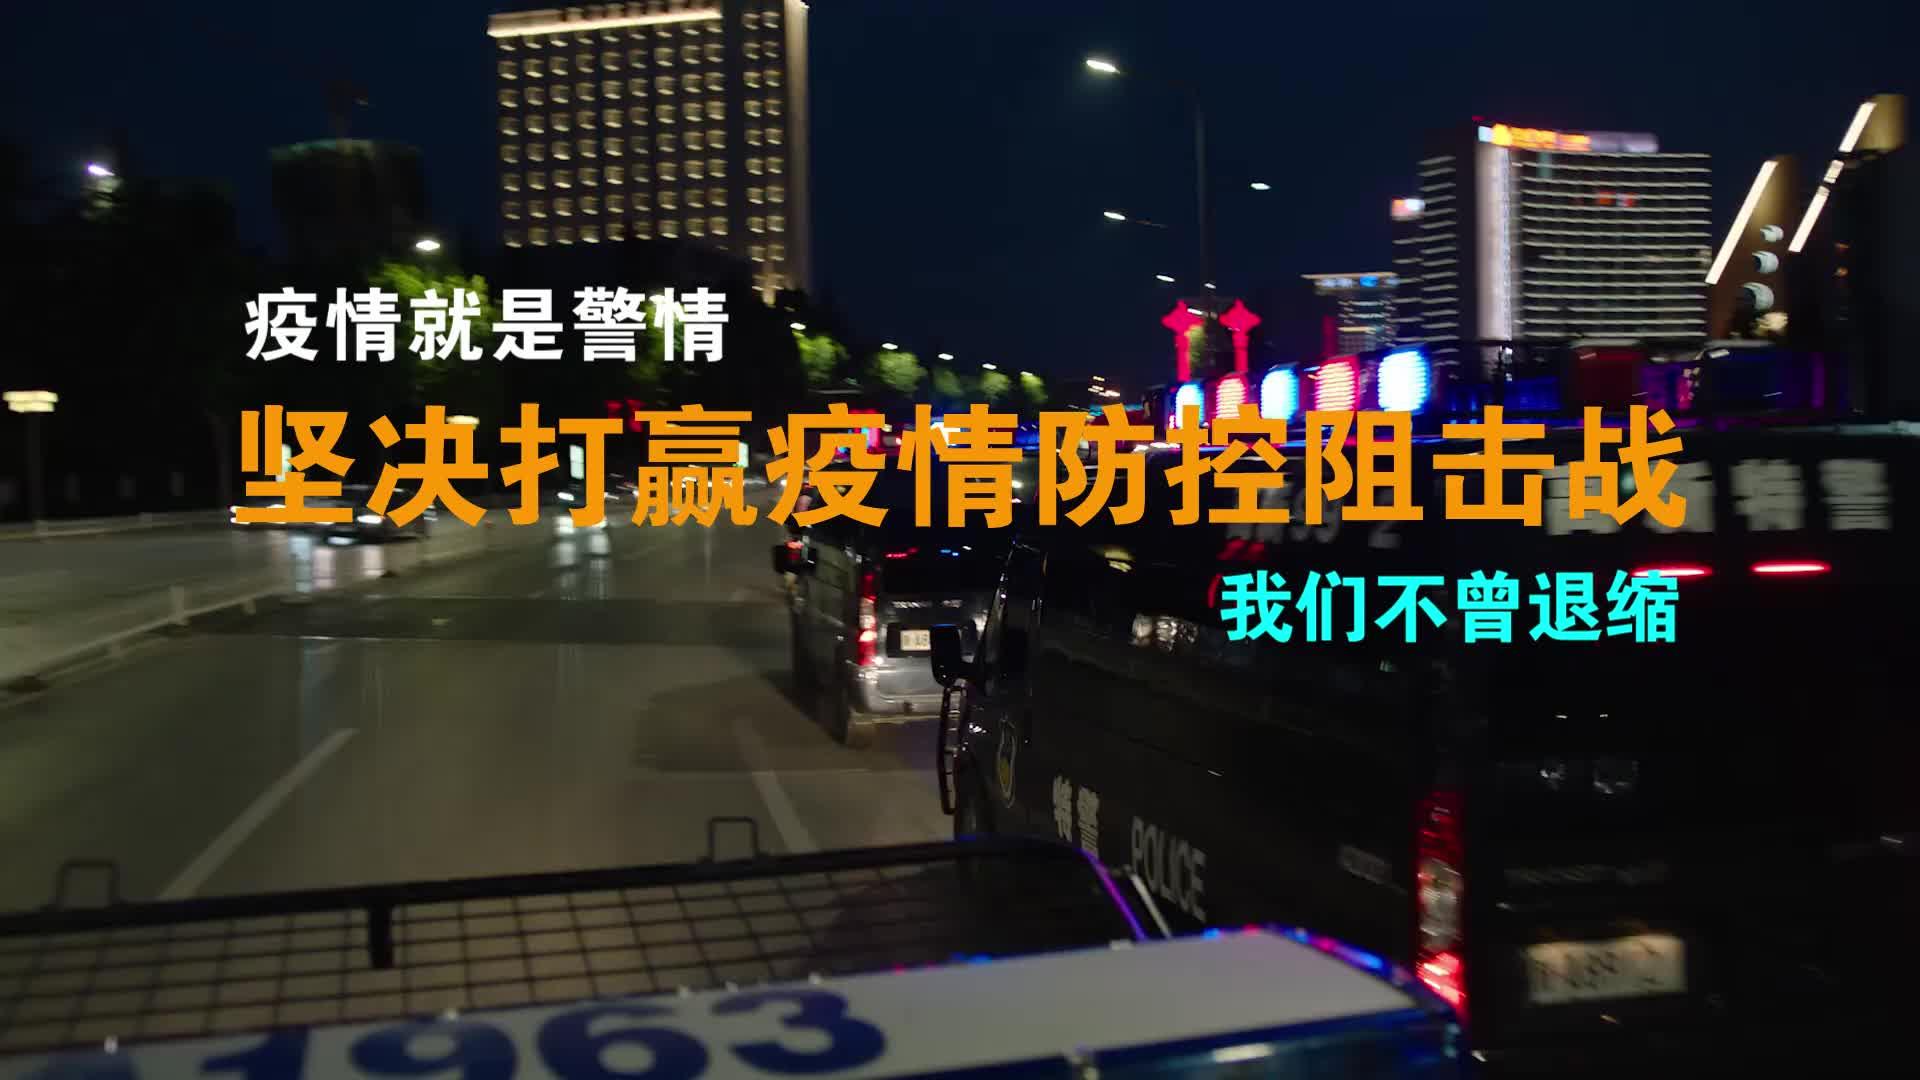 【疫情之下有真情】西安市公安局发布MV《最美是你》